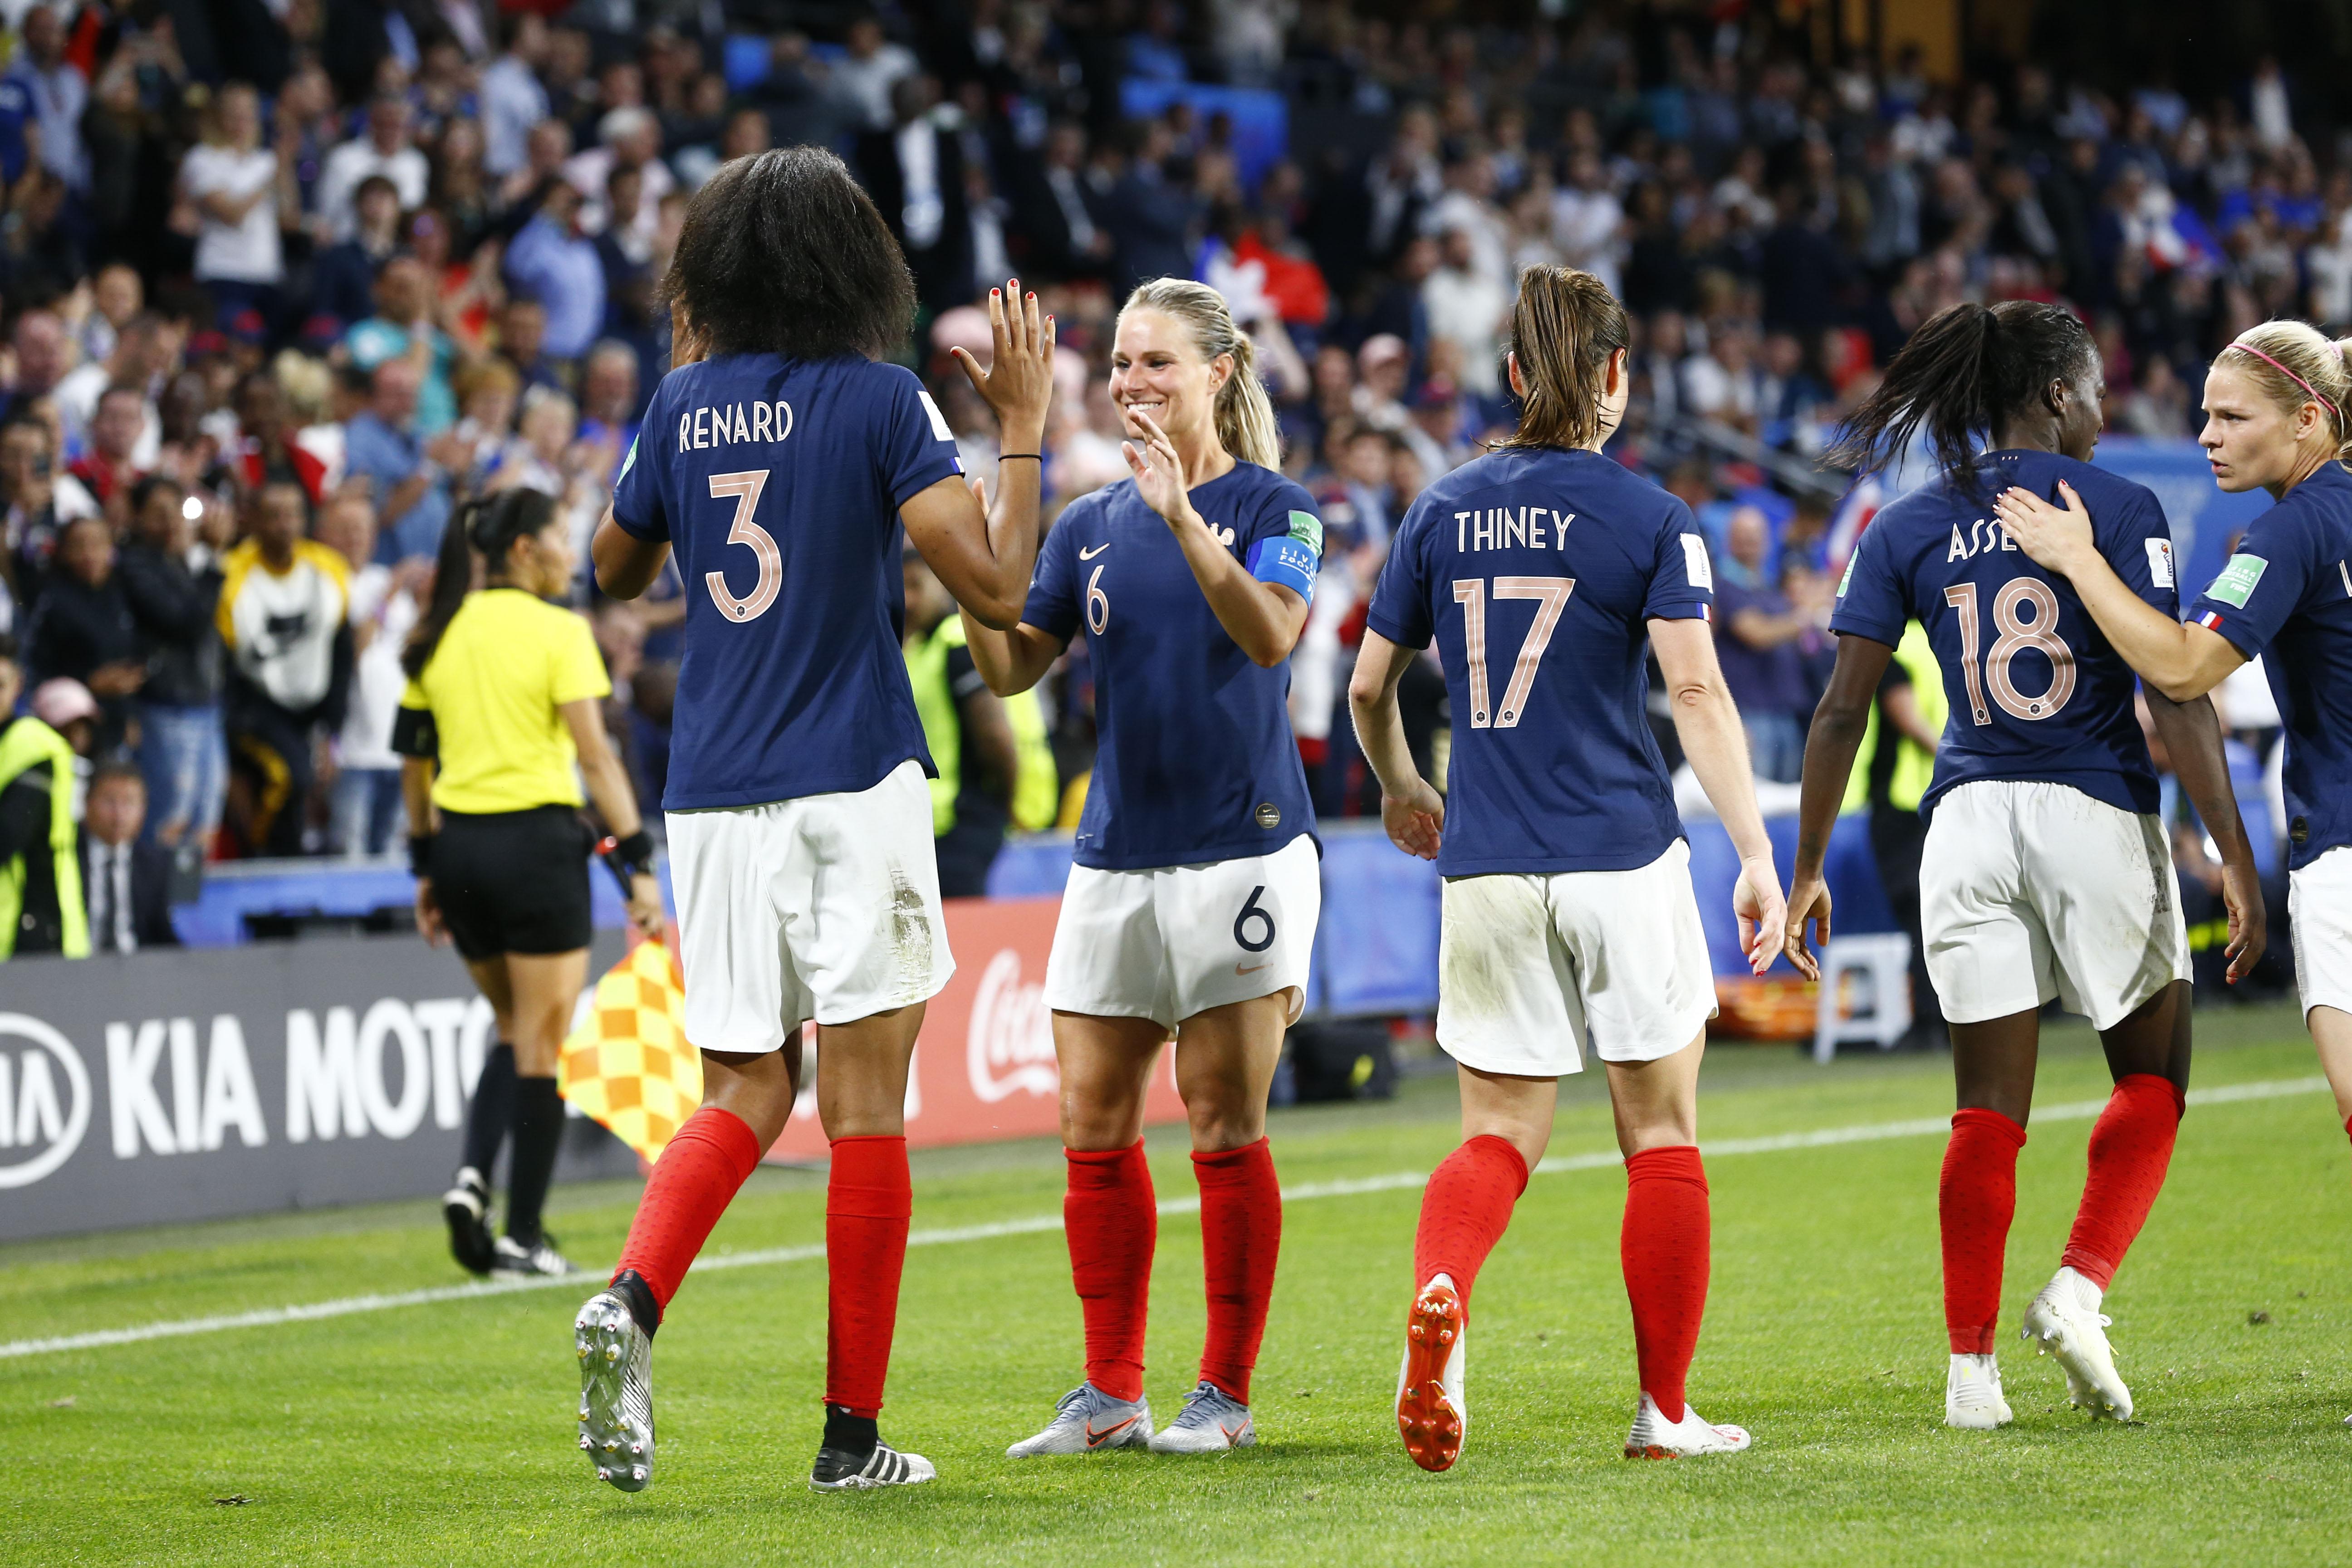 Football - Coupe du monde féminine - Coupe du monde féminine 2019 : L'heure de vérité pour les Bleues